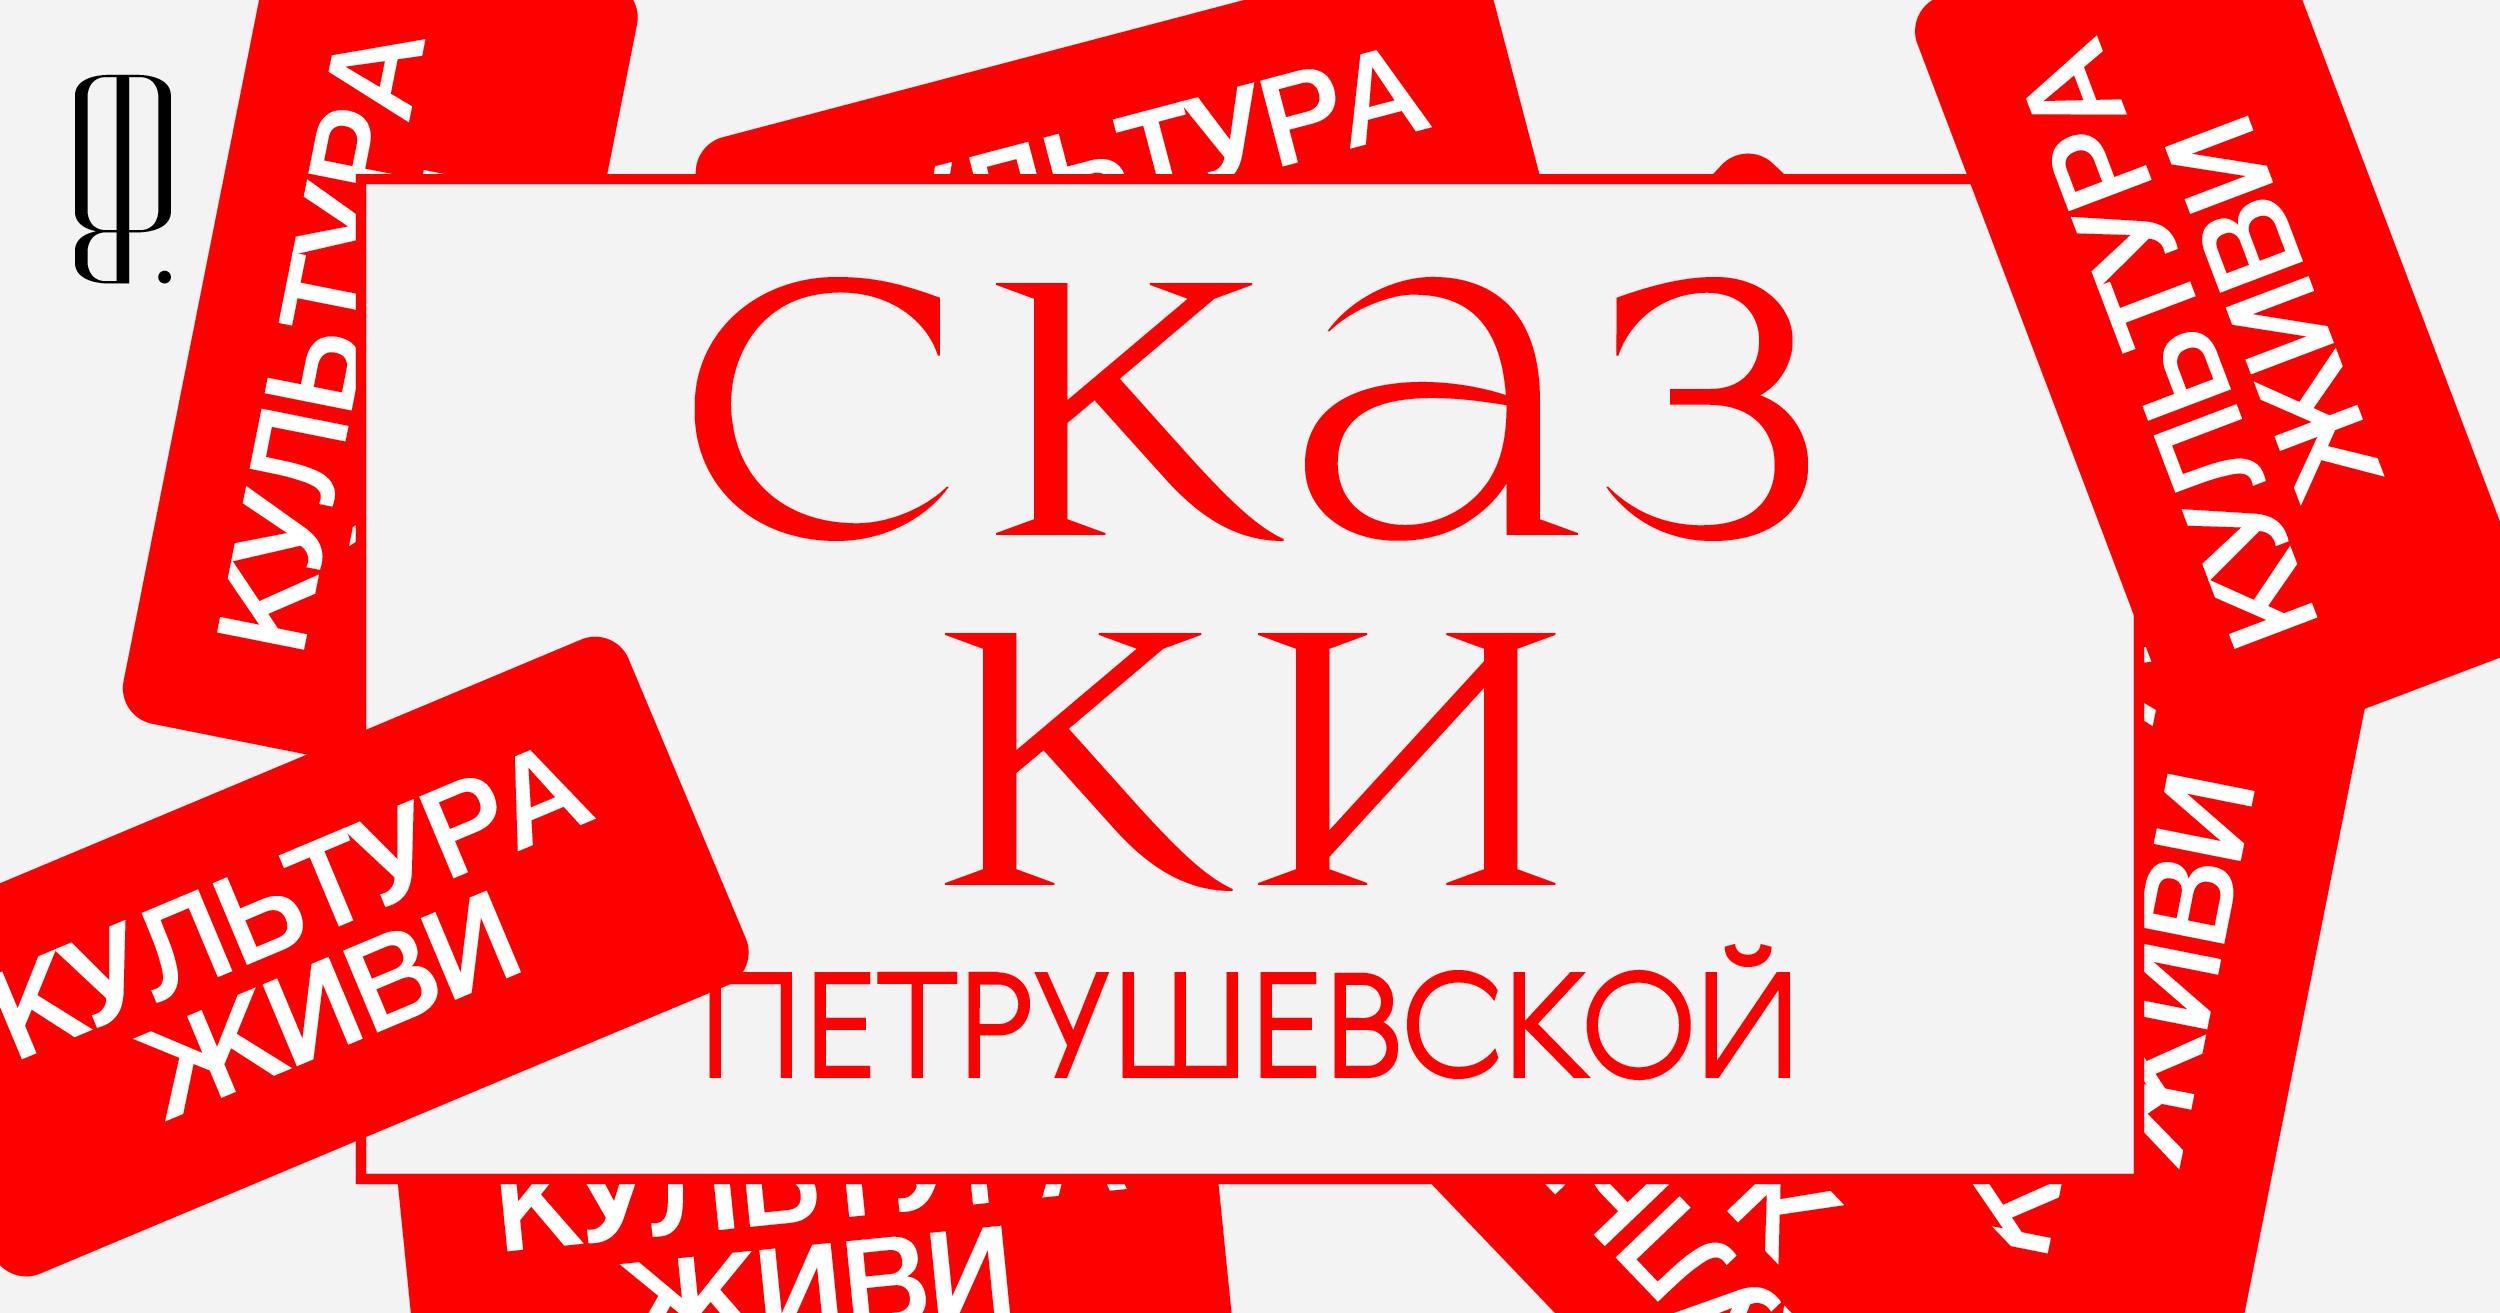 #Культураживи. Рената Литвинова, Чулпан Хаматова и Максим Суханов читают сказки с хорошим концом